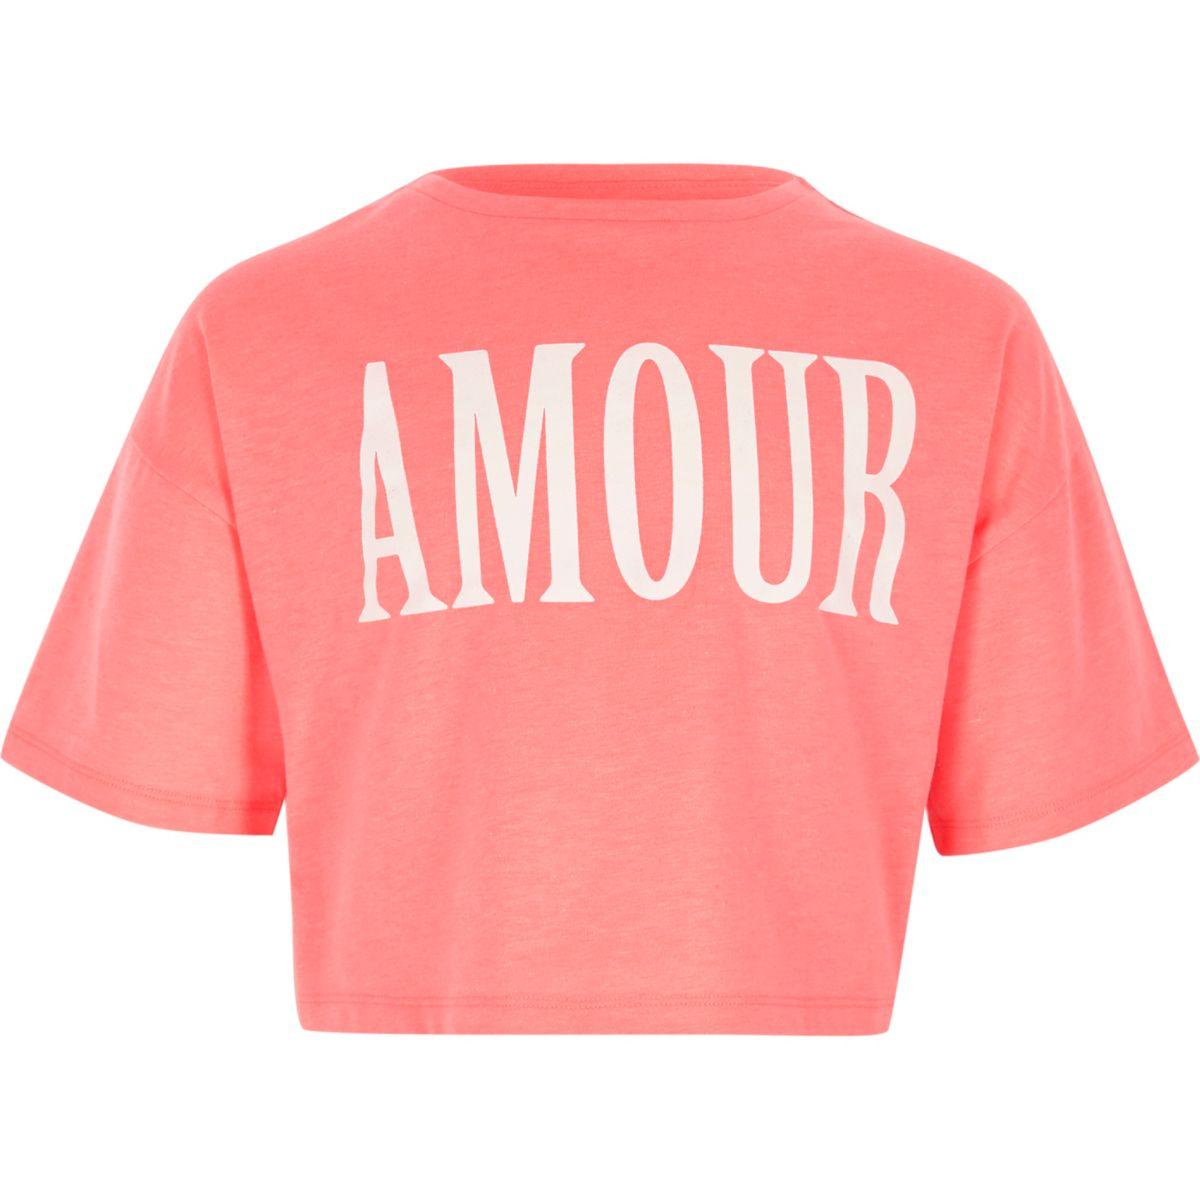 T-shirt court corail à imprimé « amour » pour fille